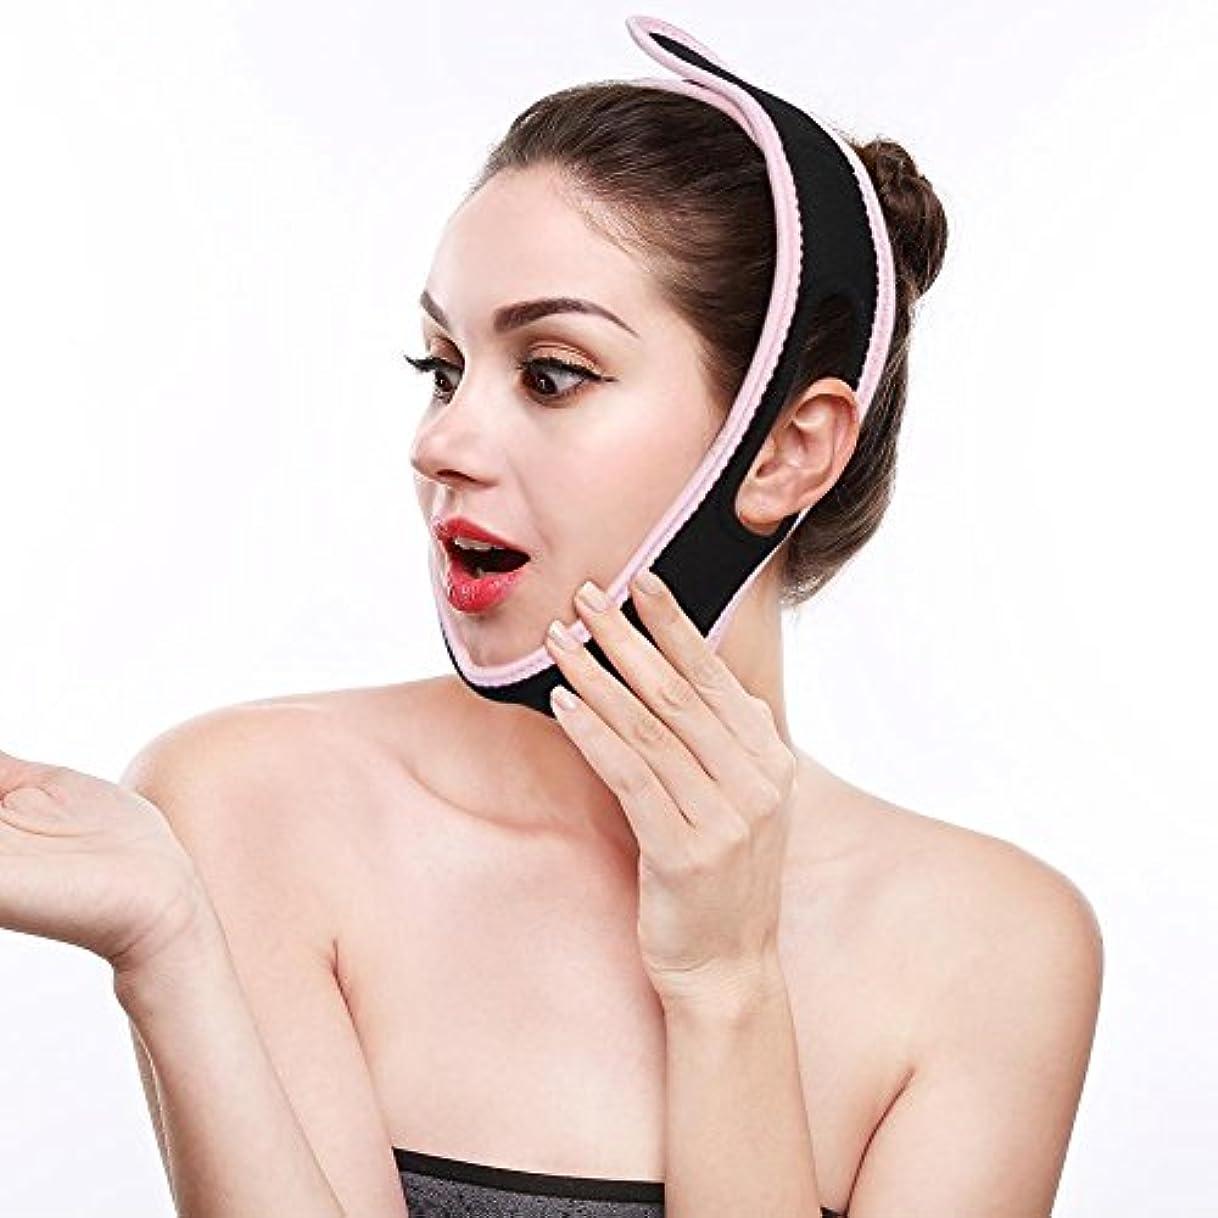 後退する労苦まだフェイススリミング包帯、顎リフト フェイススリミング包帯 Vフェイス バンデージ フェイスリフトマスク